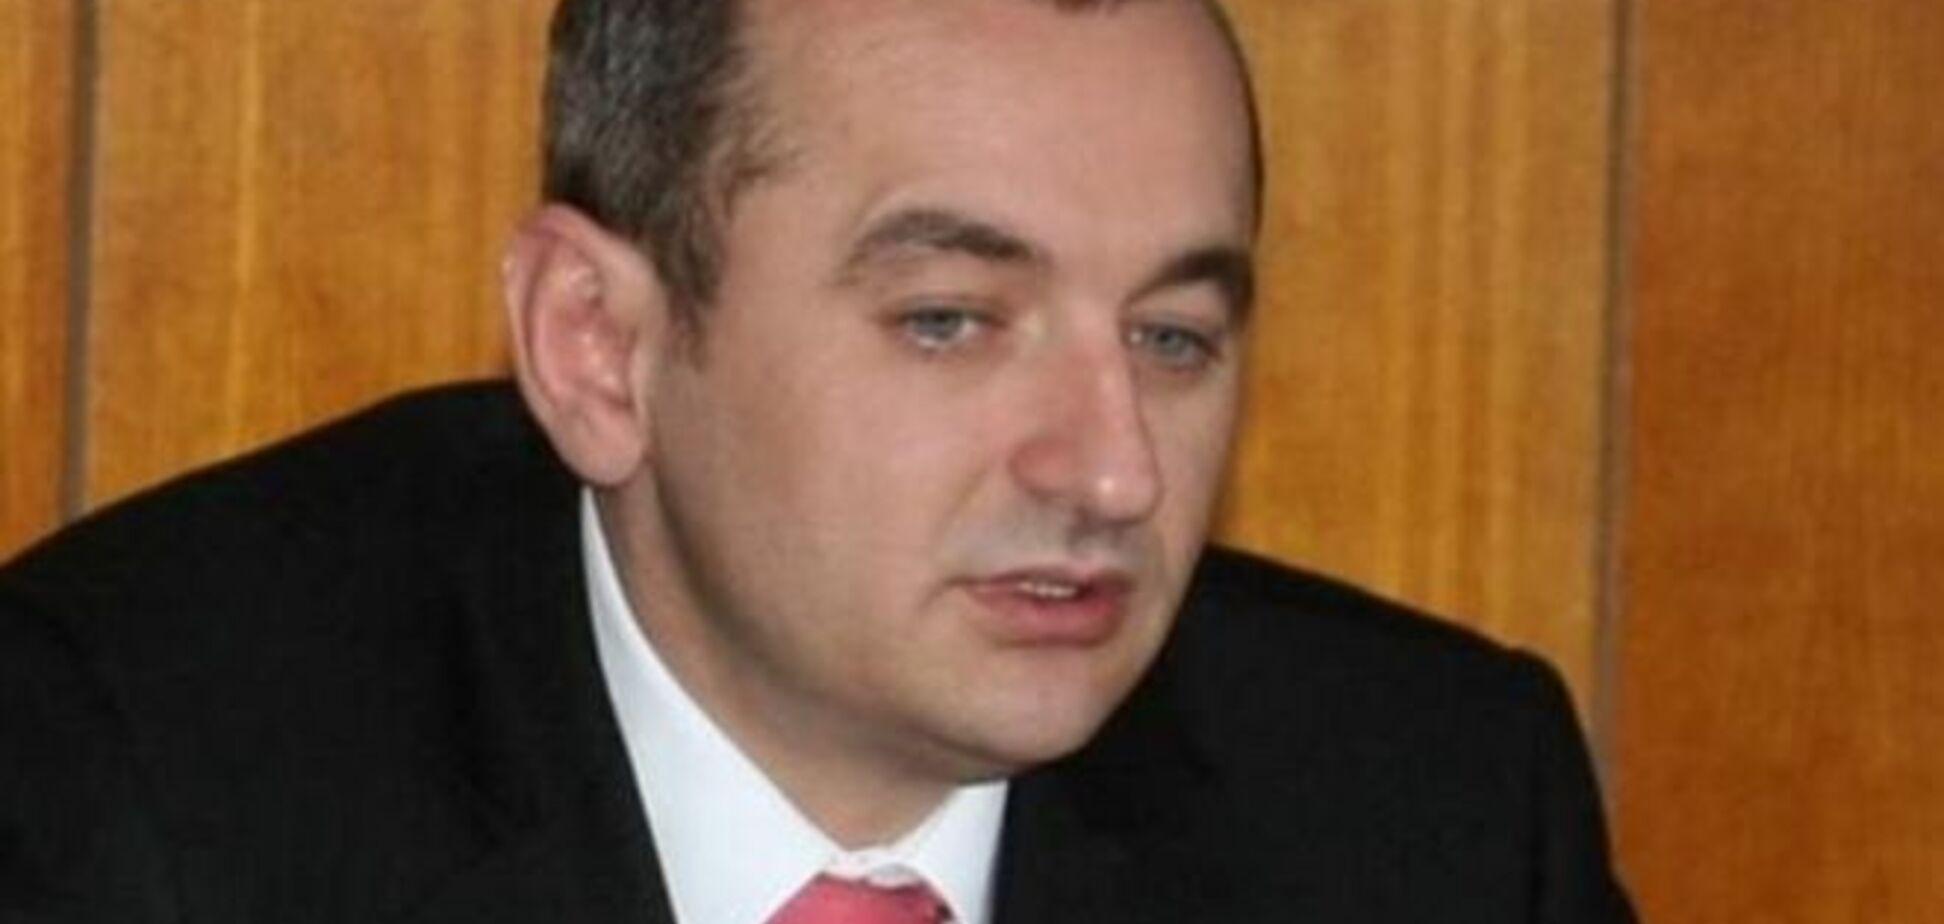 Командир военнослужащих, устроивших ДТП в Константиновке, тоже был пьян